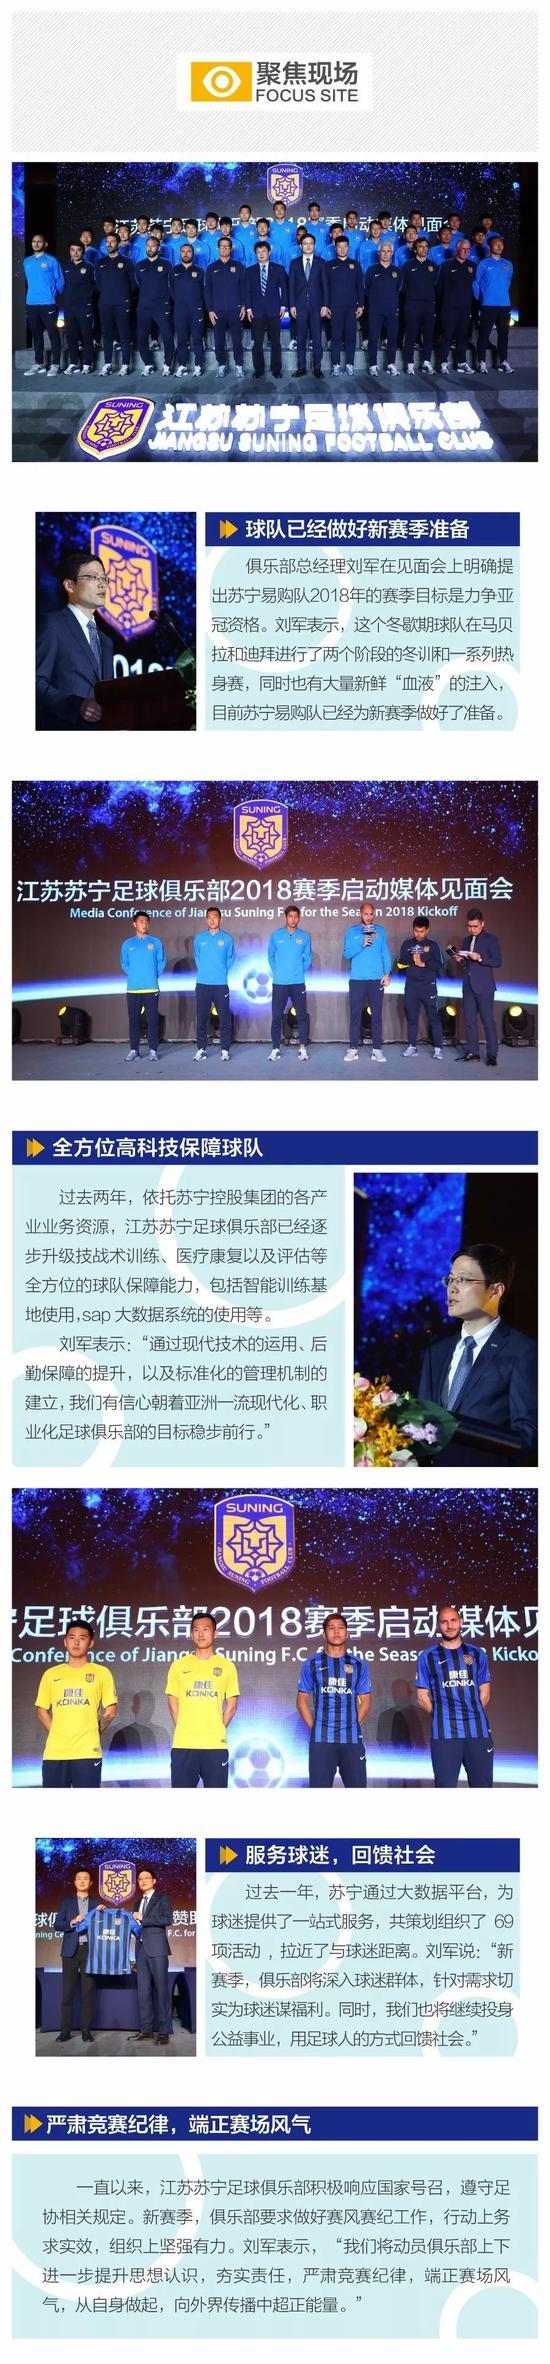 苏宁壮行会树立新赛季三大目标 力争亚冠联赛资格